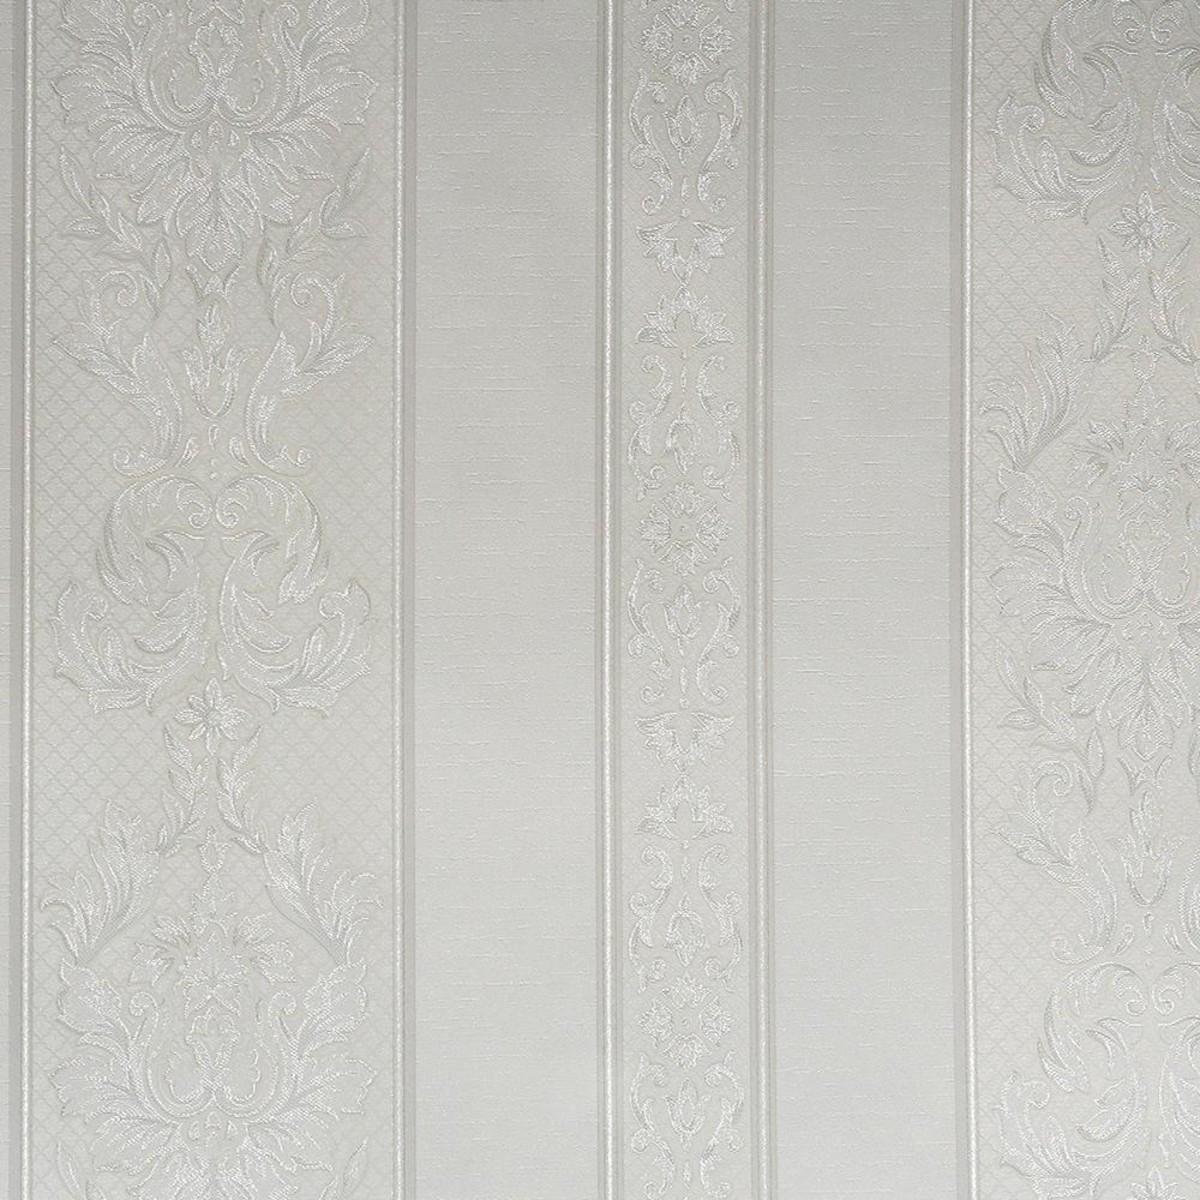 Обои виниловые Elysium Дворцовый вензель белые 0.53 м 60450